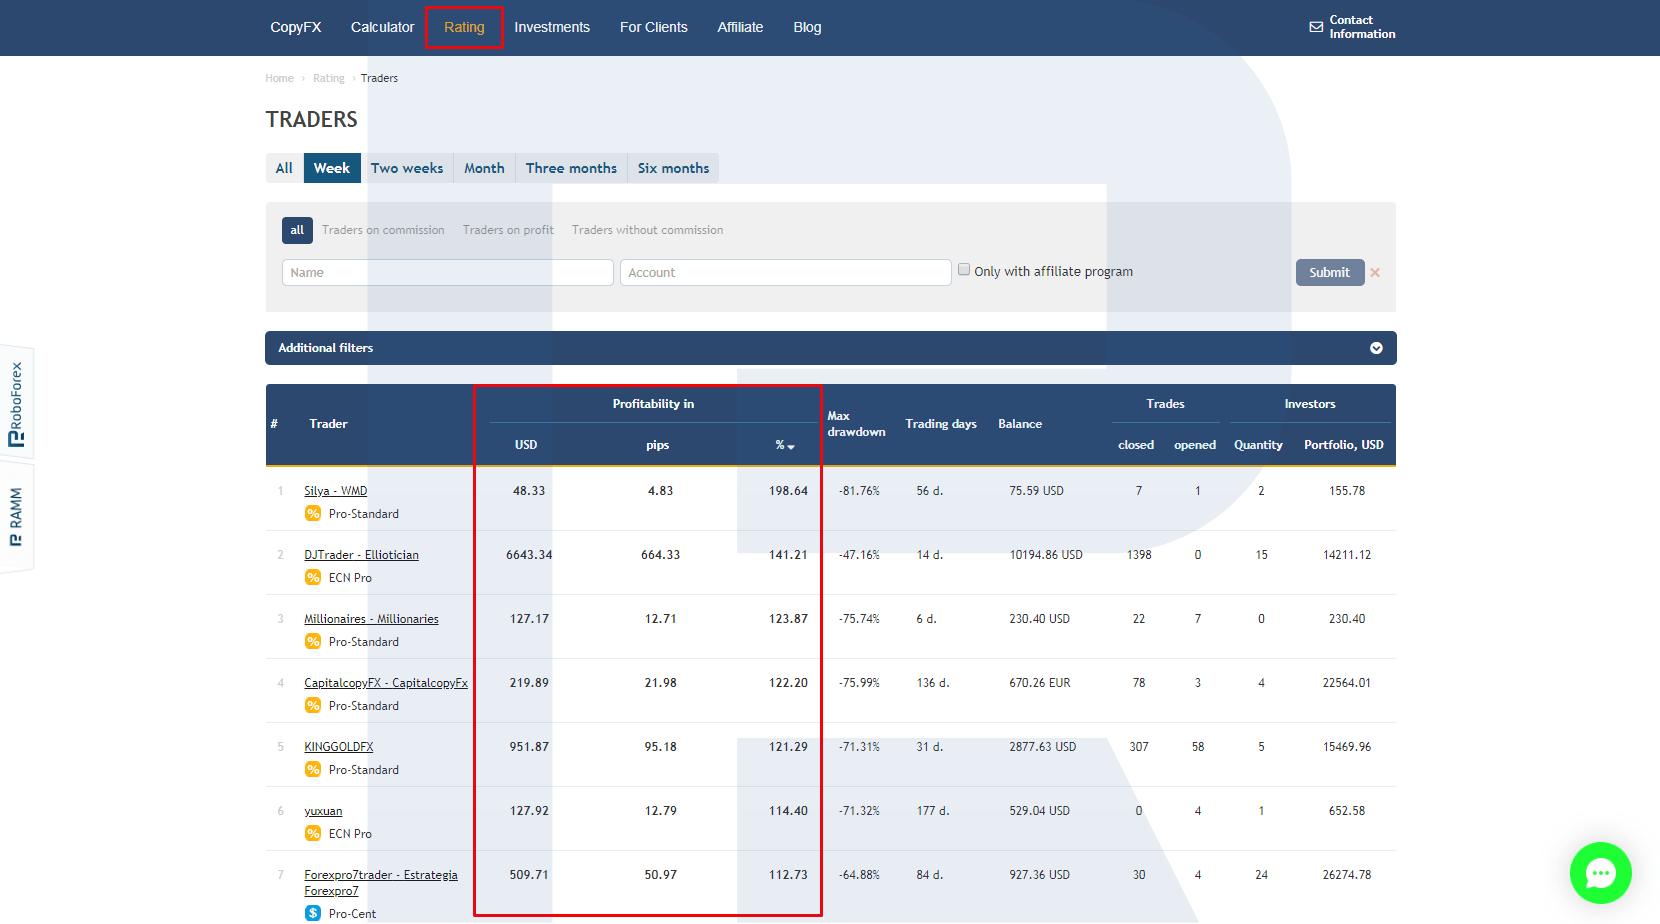 CopyFX ieguldītājam: kā lietot? Kā izvēlēties tirgotājus? | R emuārs - RoboForex